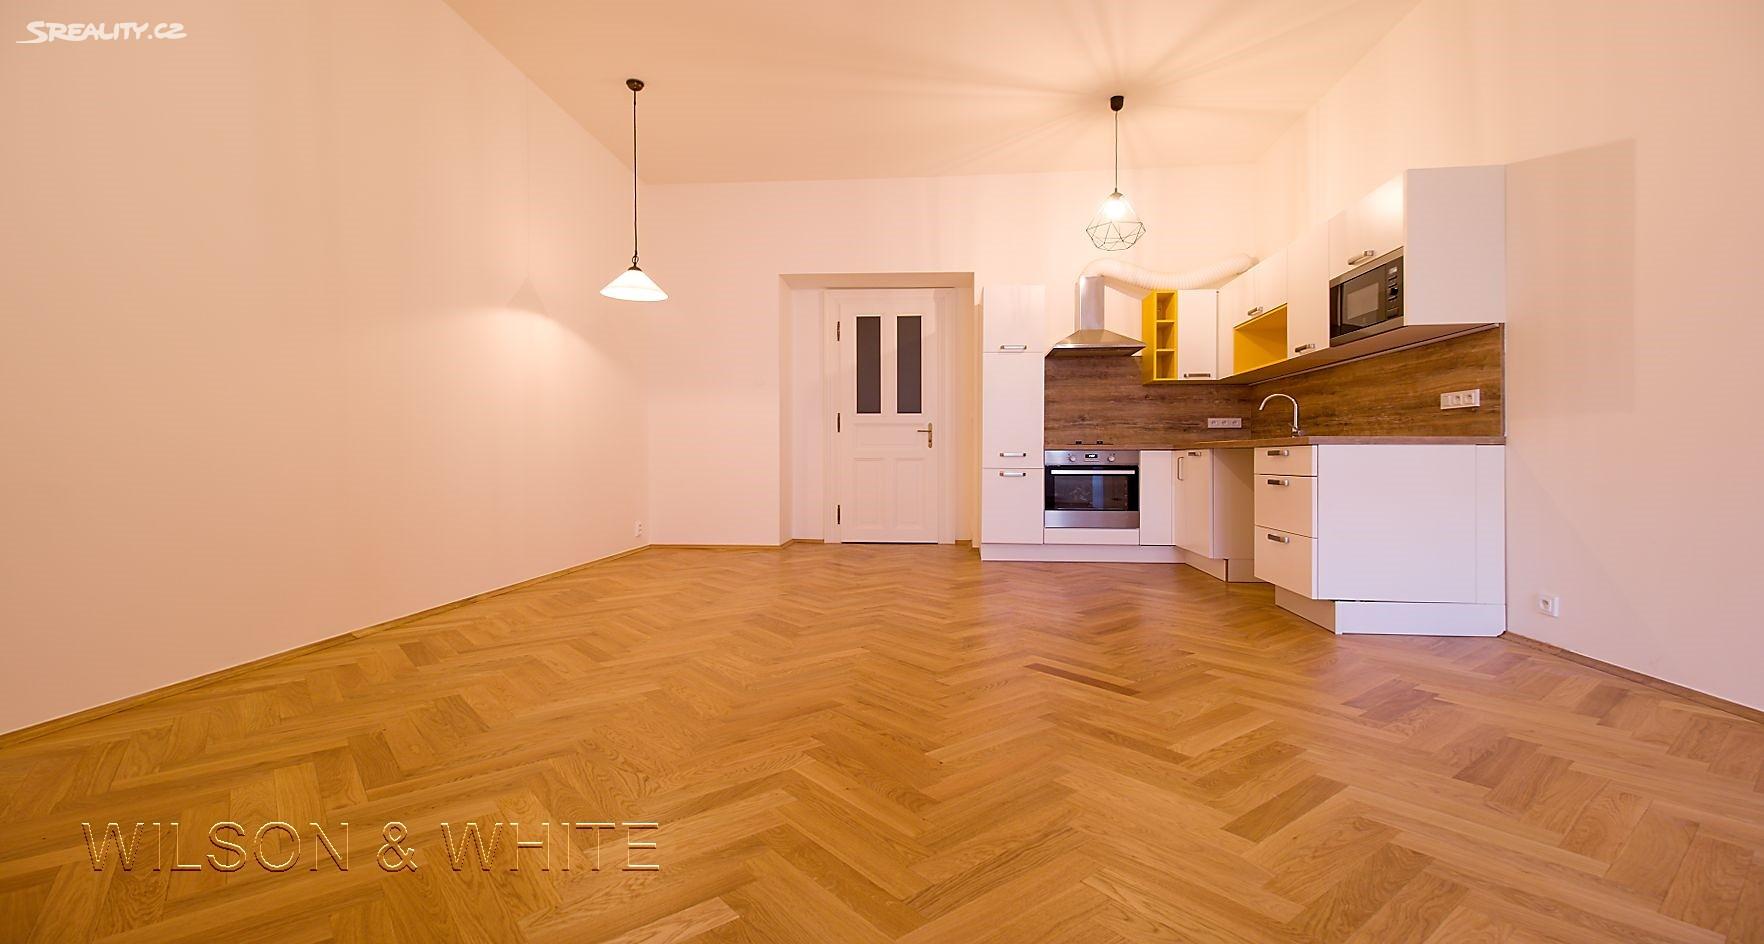 Pronájem bytu 1+kk 46m², Korunovační, Praha 7 - Bubeneč